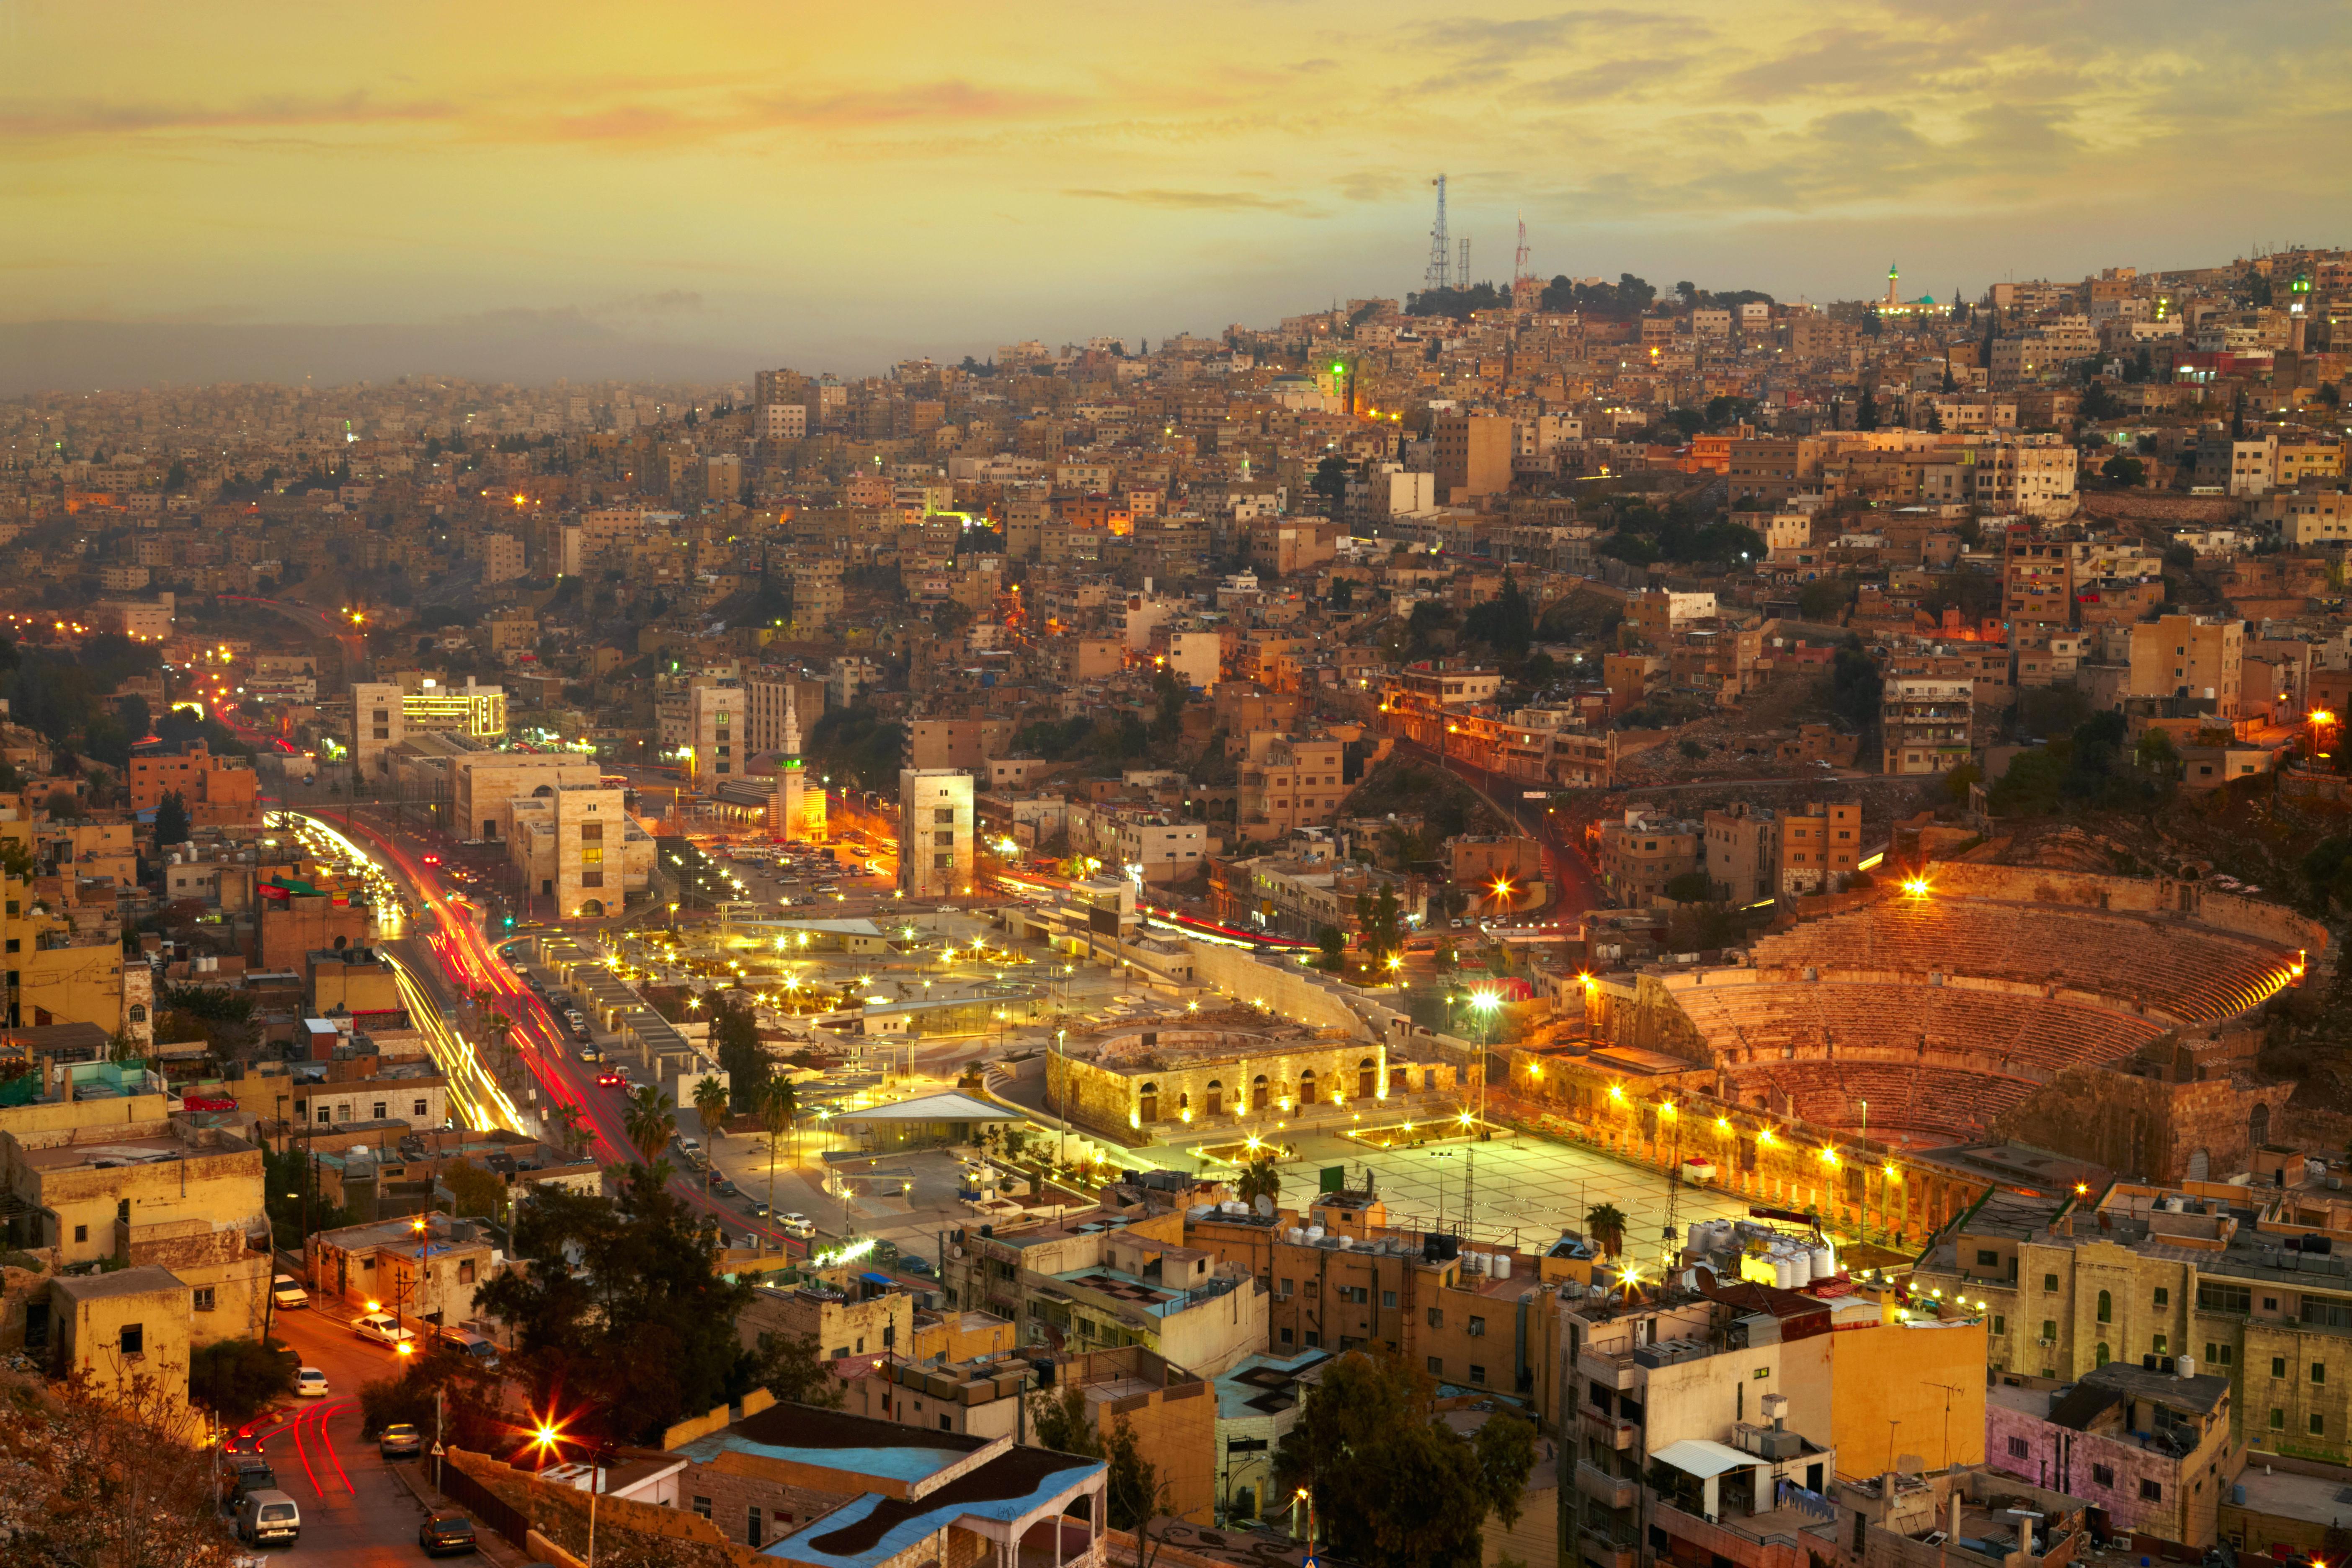 Visitar el Anfiteatro Romano de Amman - Jordania Circuito Jordania imprescindible y Jerusalén